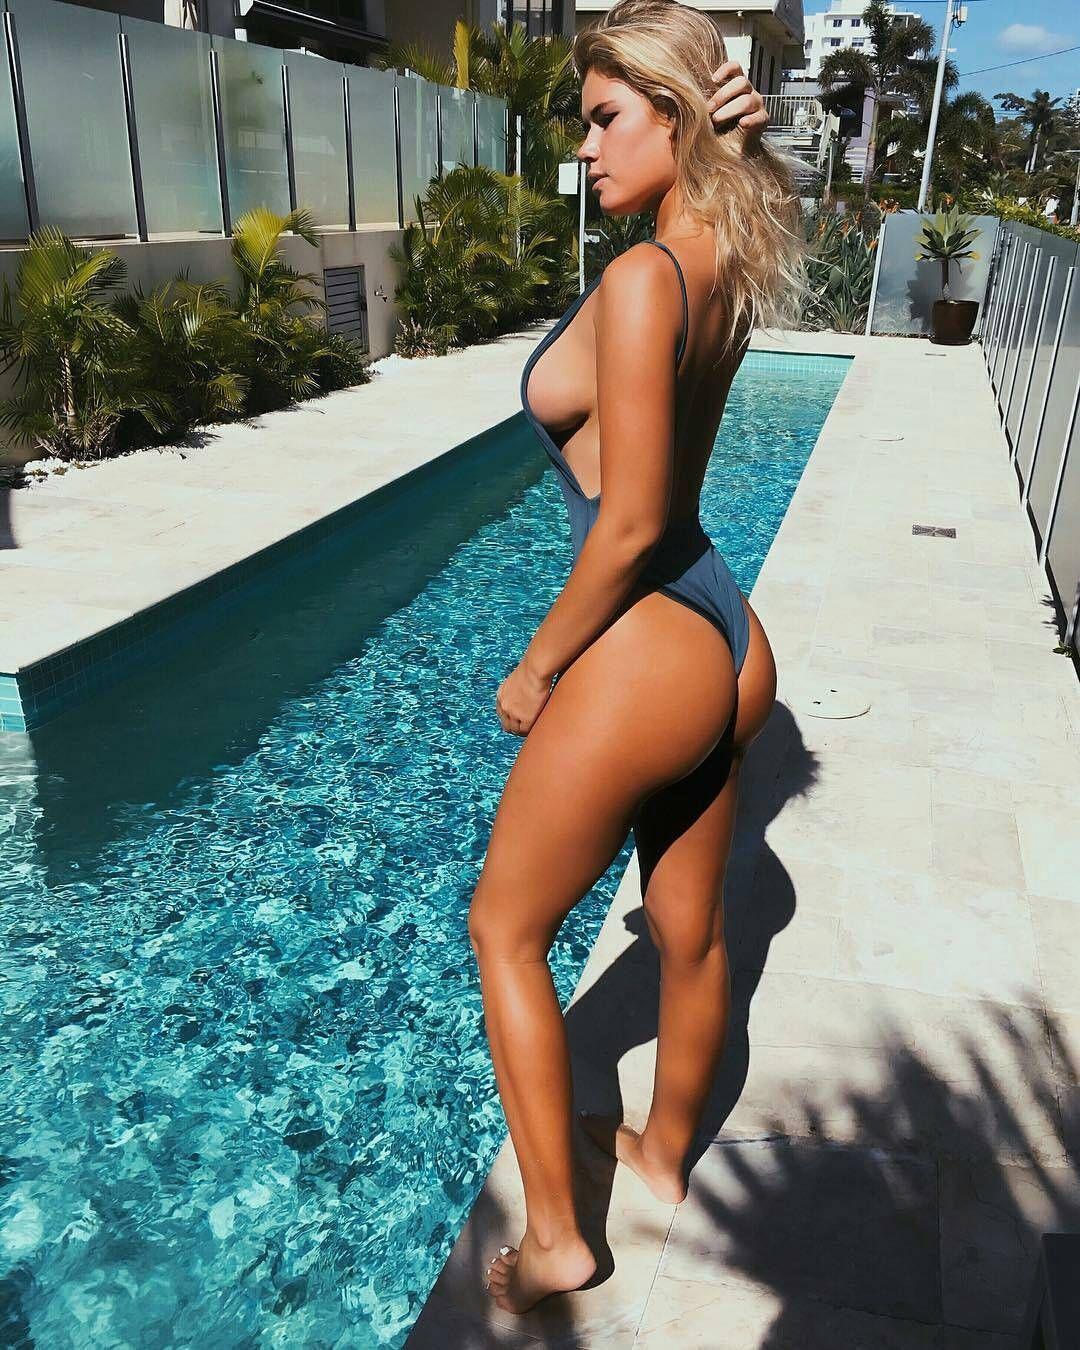 Paparazzi Ass Holly Henderson naked photo 2017